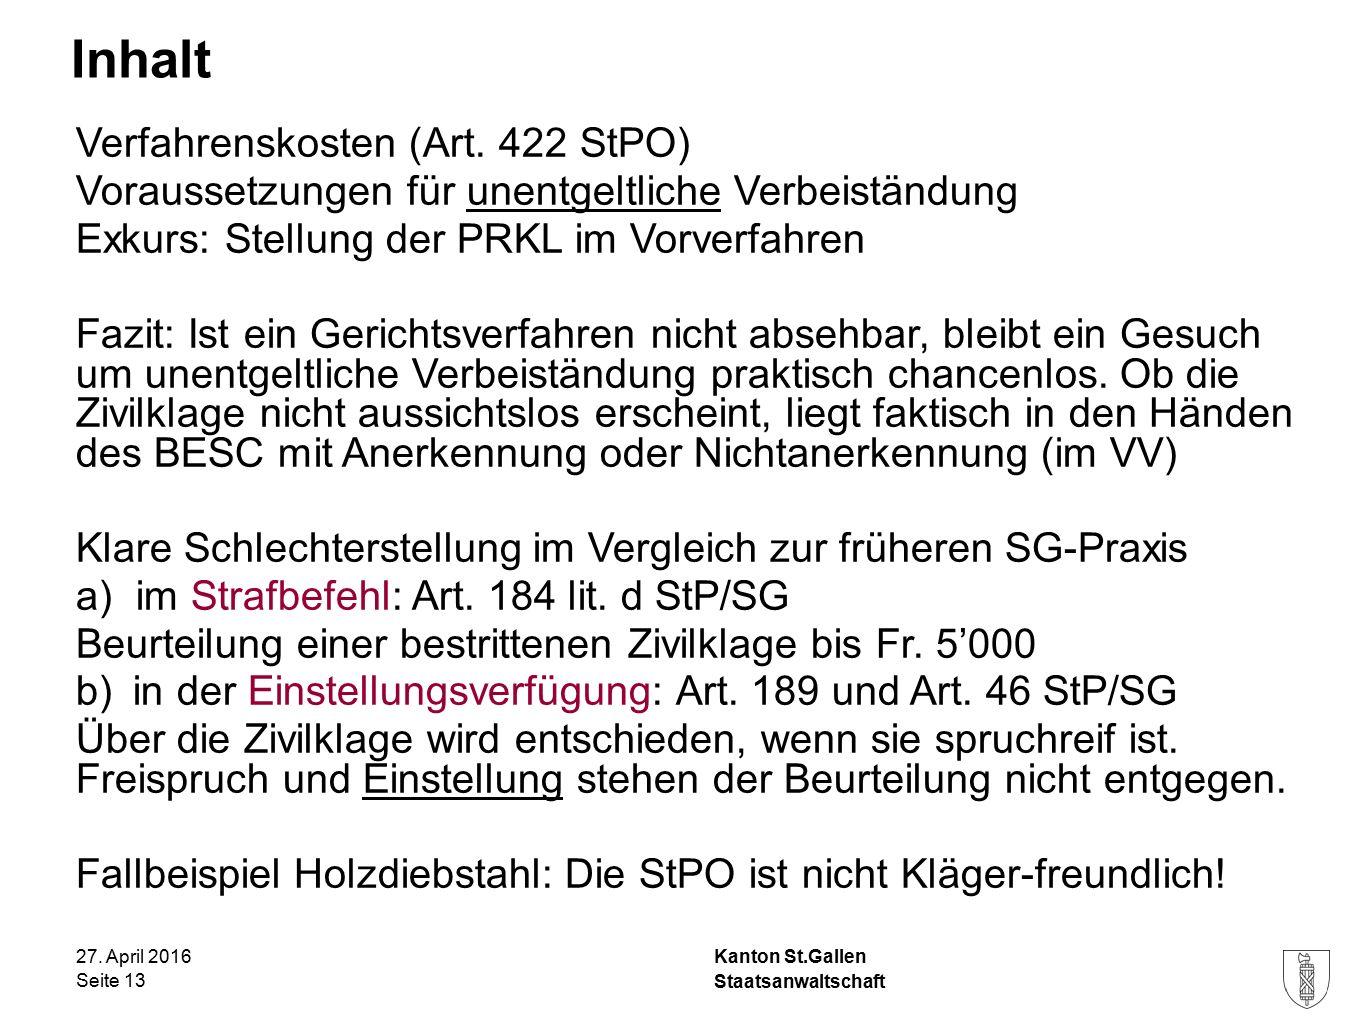 Kanton St.Gallen Inhalt 27. April 2016 Staatsanwaltschaft Seite 13 Verfahrenskosten (Art.